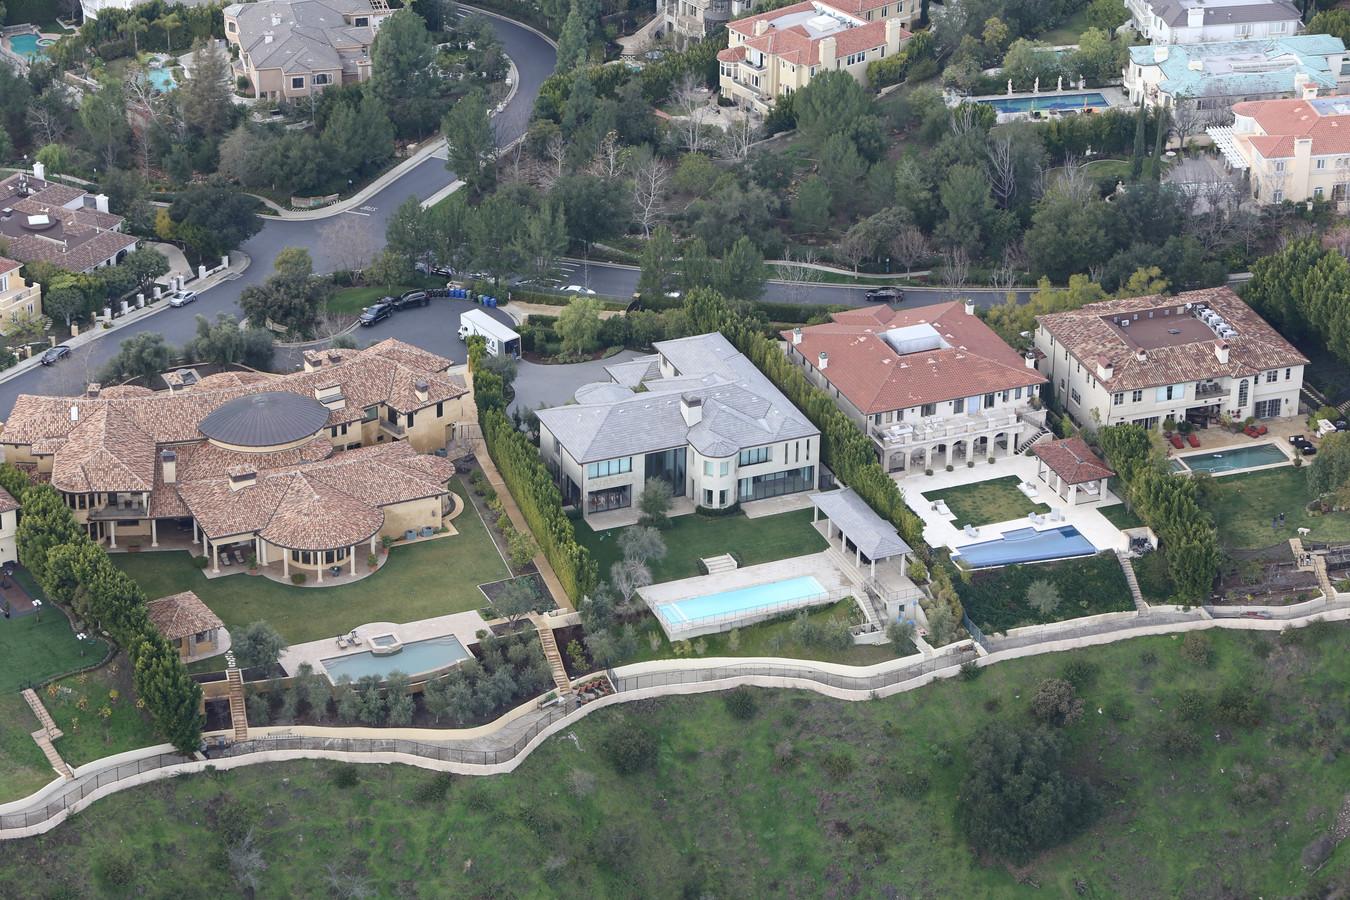 Het huis van 'Kimye' in Calabasas, Los Angeles.